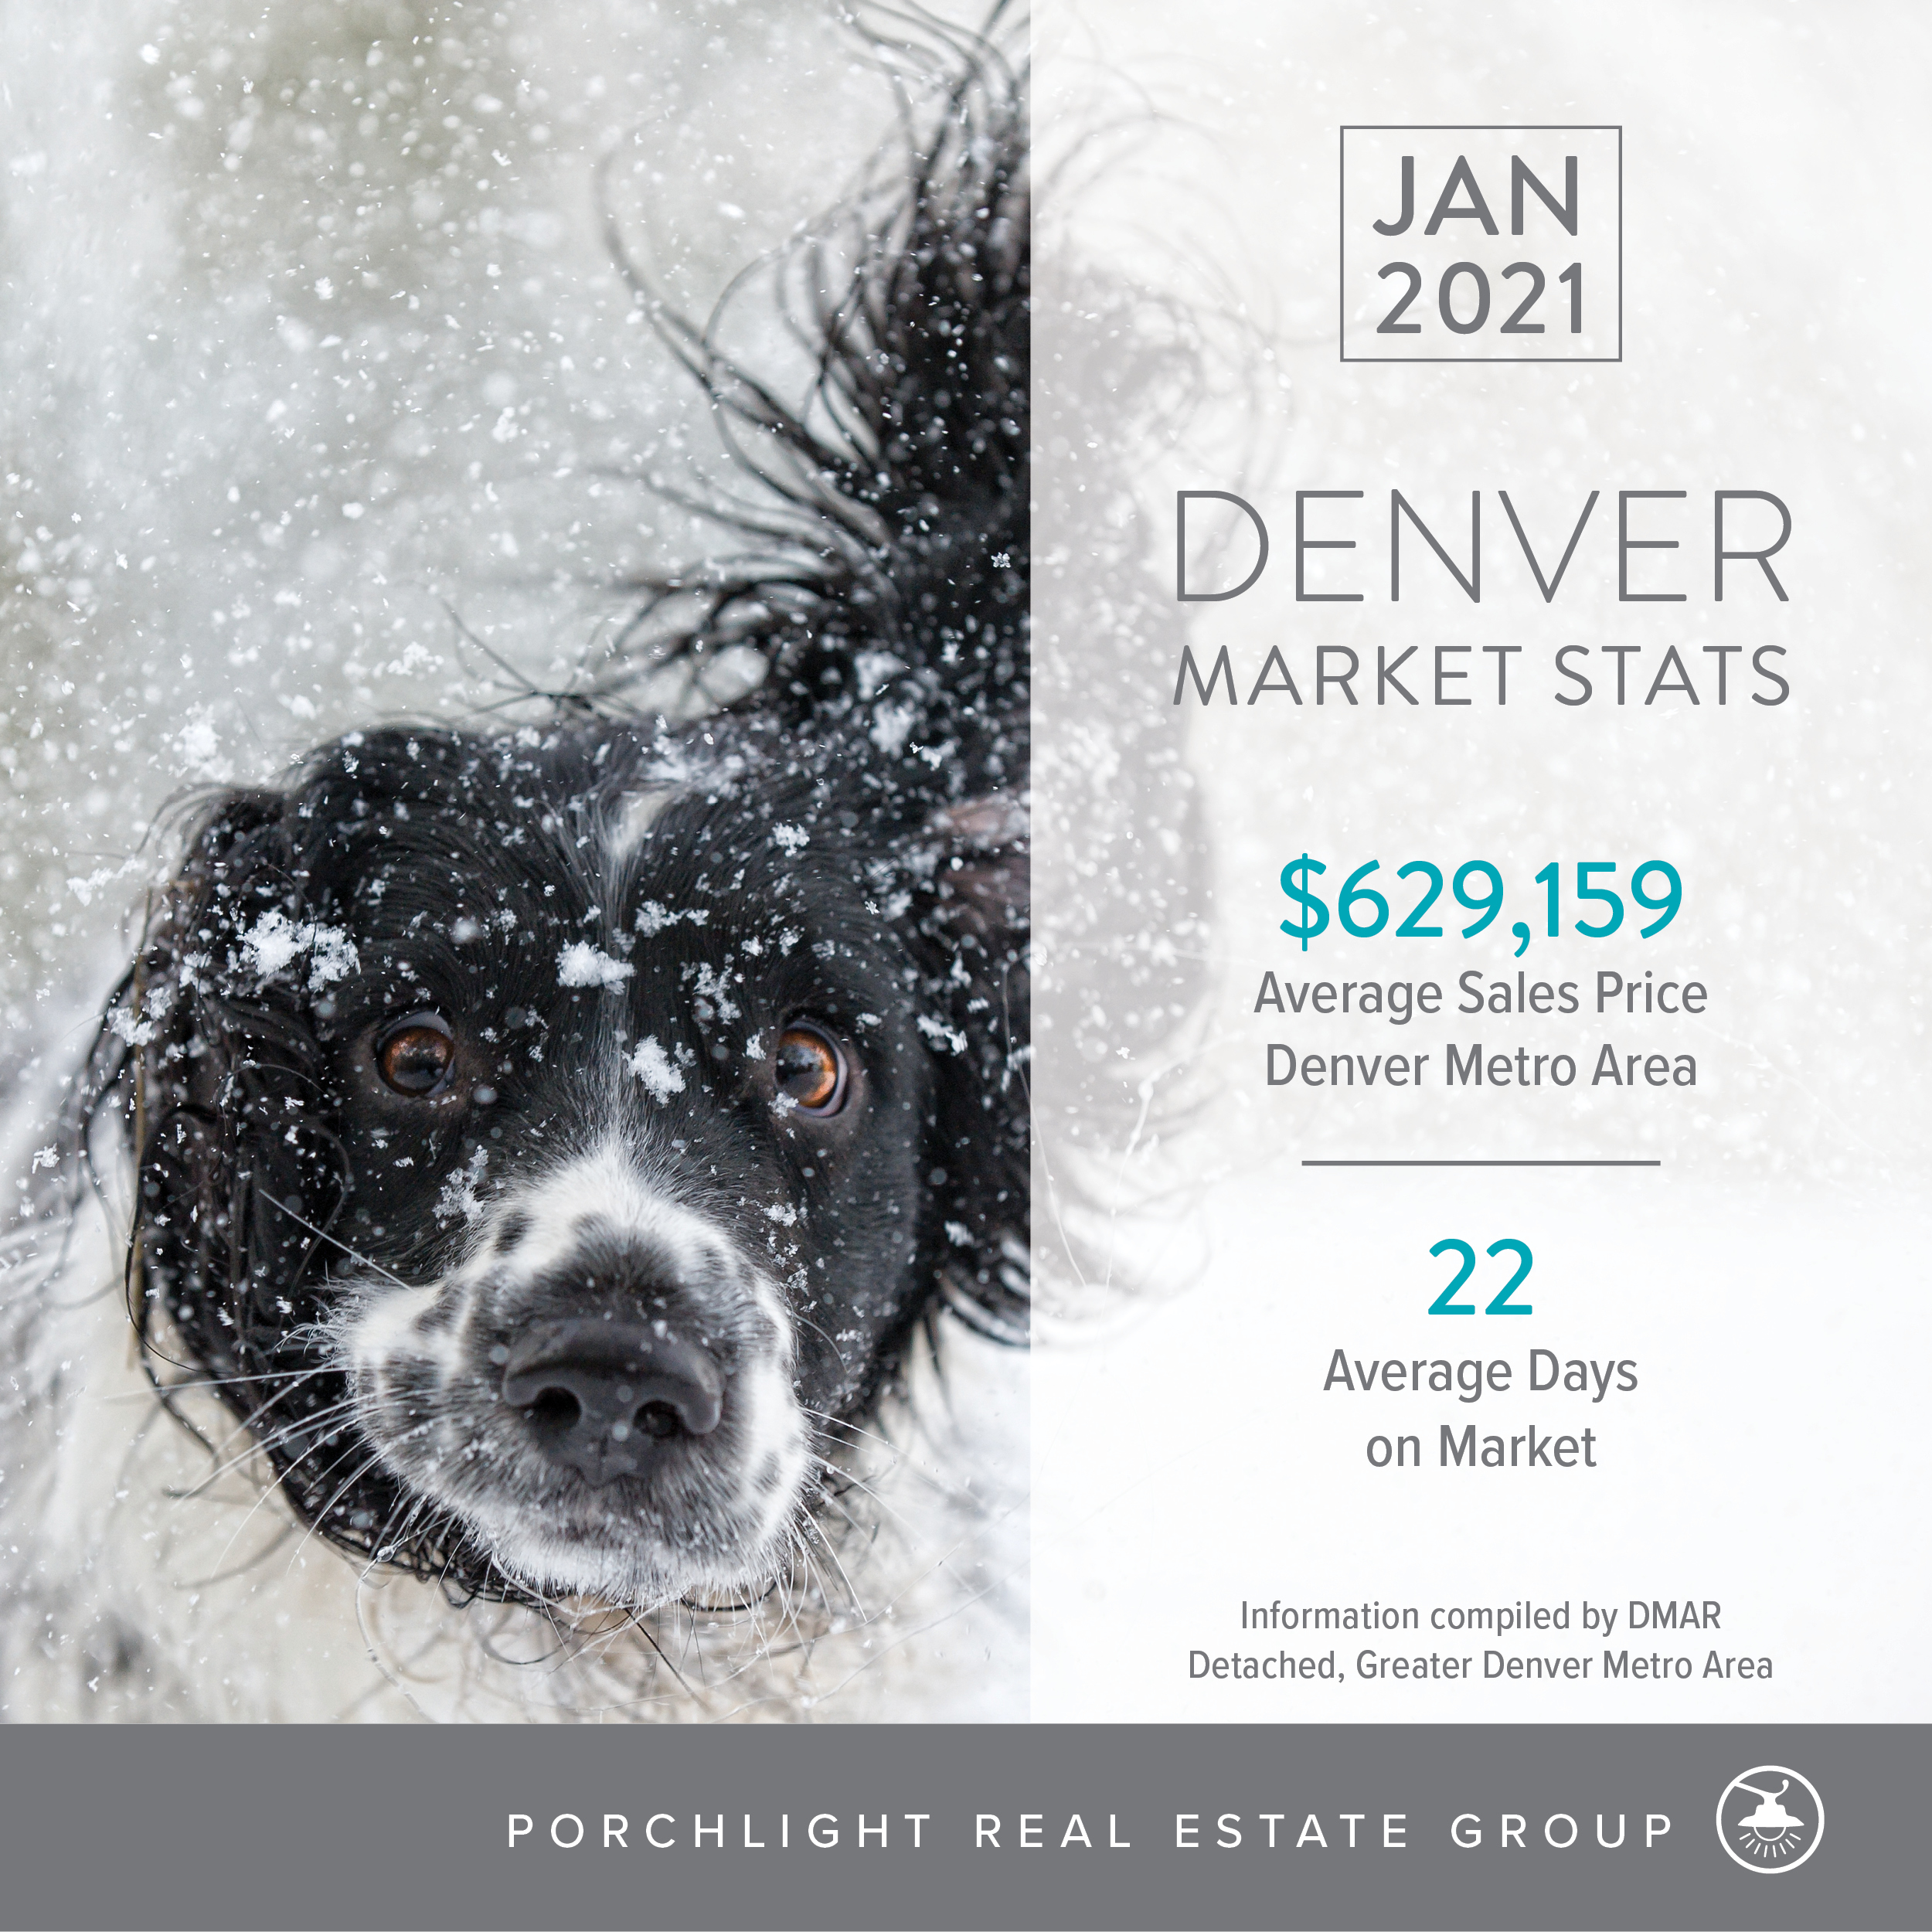 Denver real estate market stats november 2020